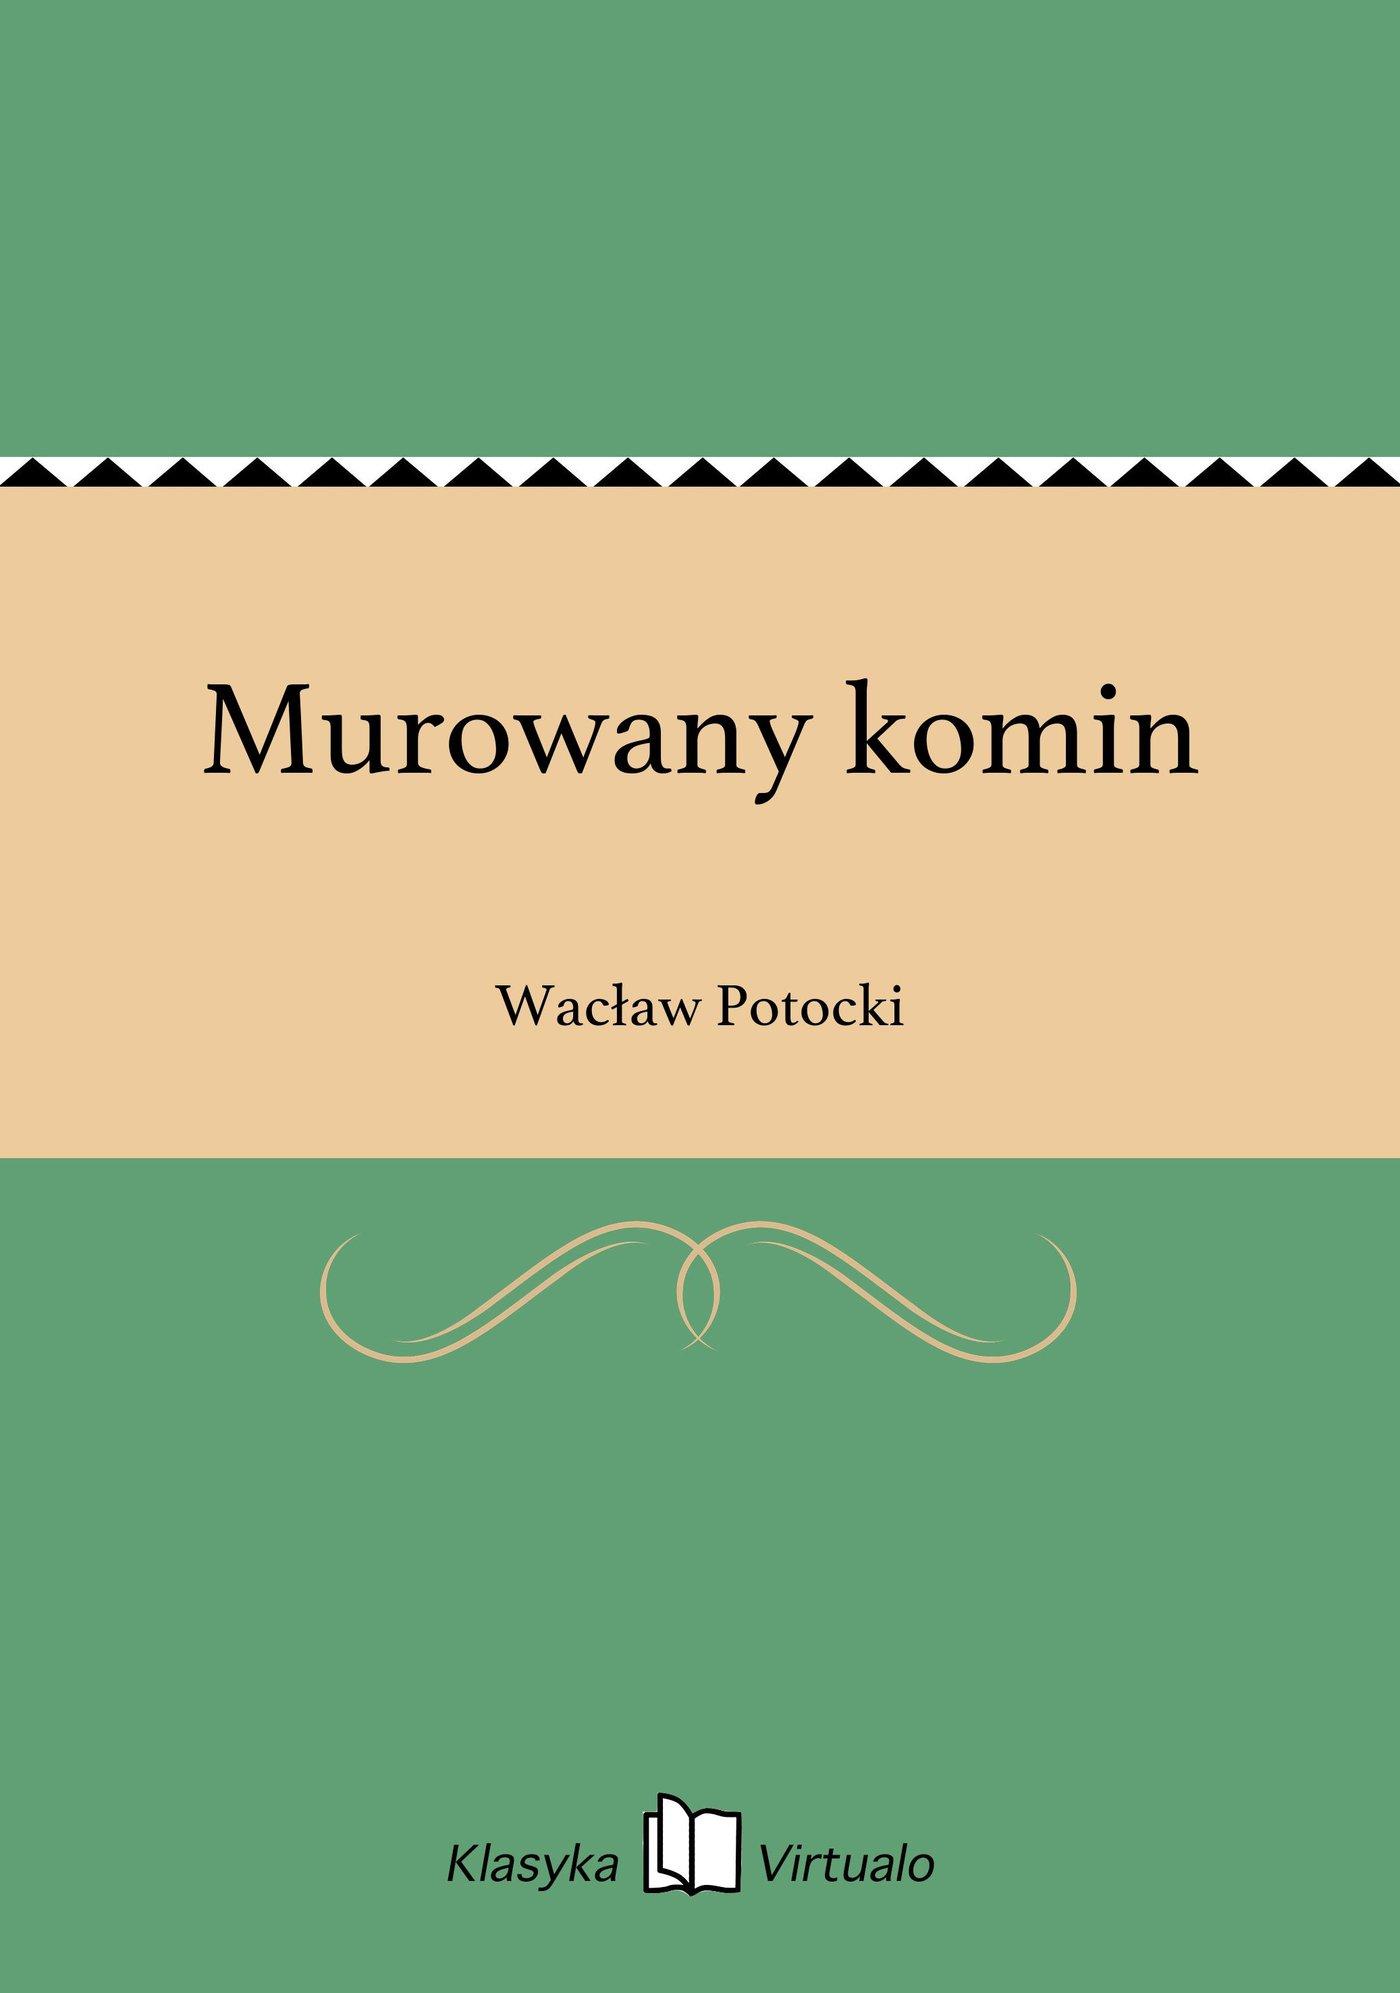 Murowany komin - Ebook (Książka na Kindle) do pobrania w formacie MOBI